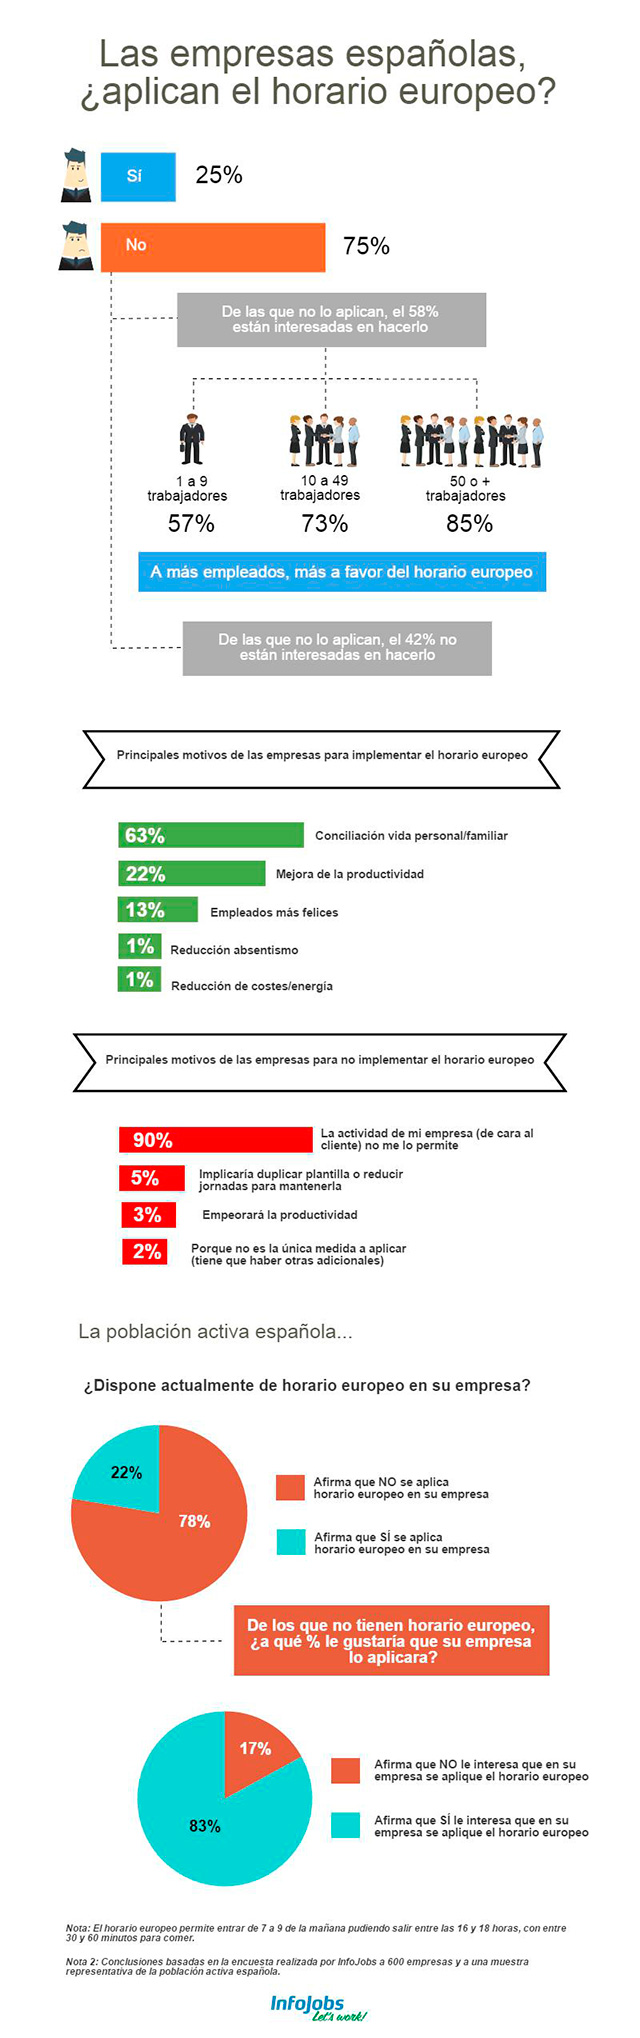 horario-europeo-encuesta-infojobs-infografia